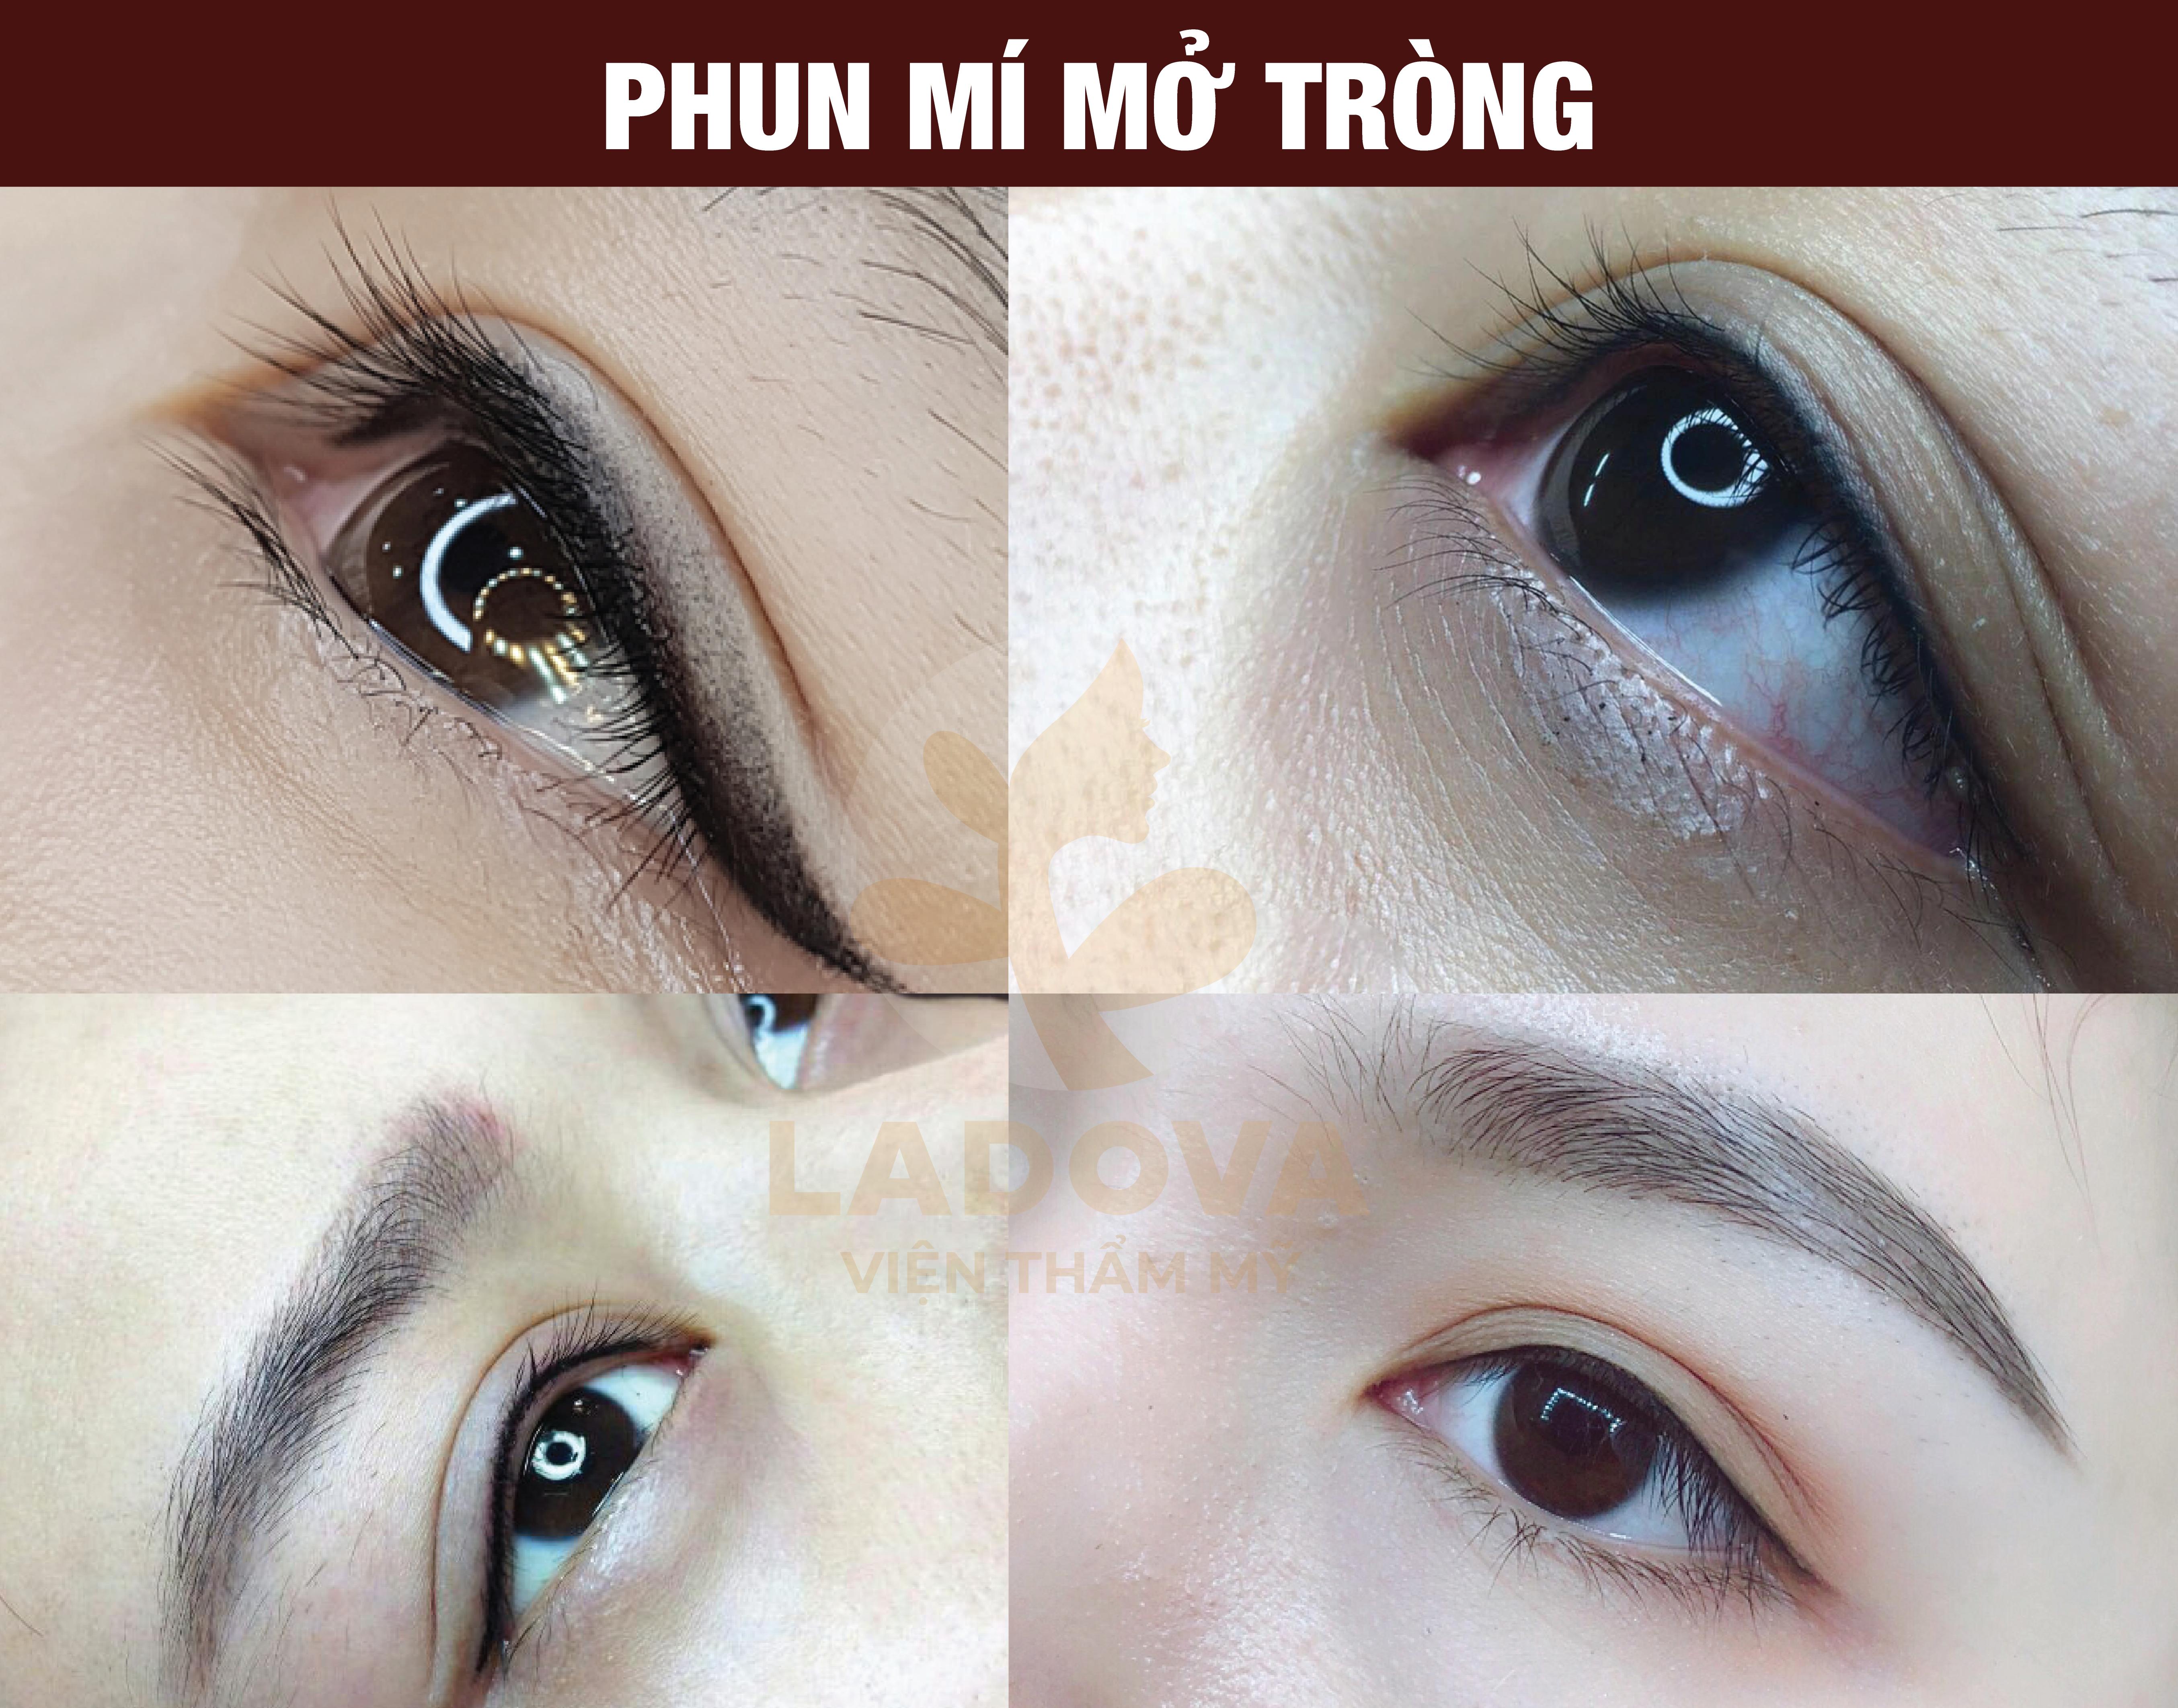 phun-mi-mo-trong